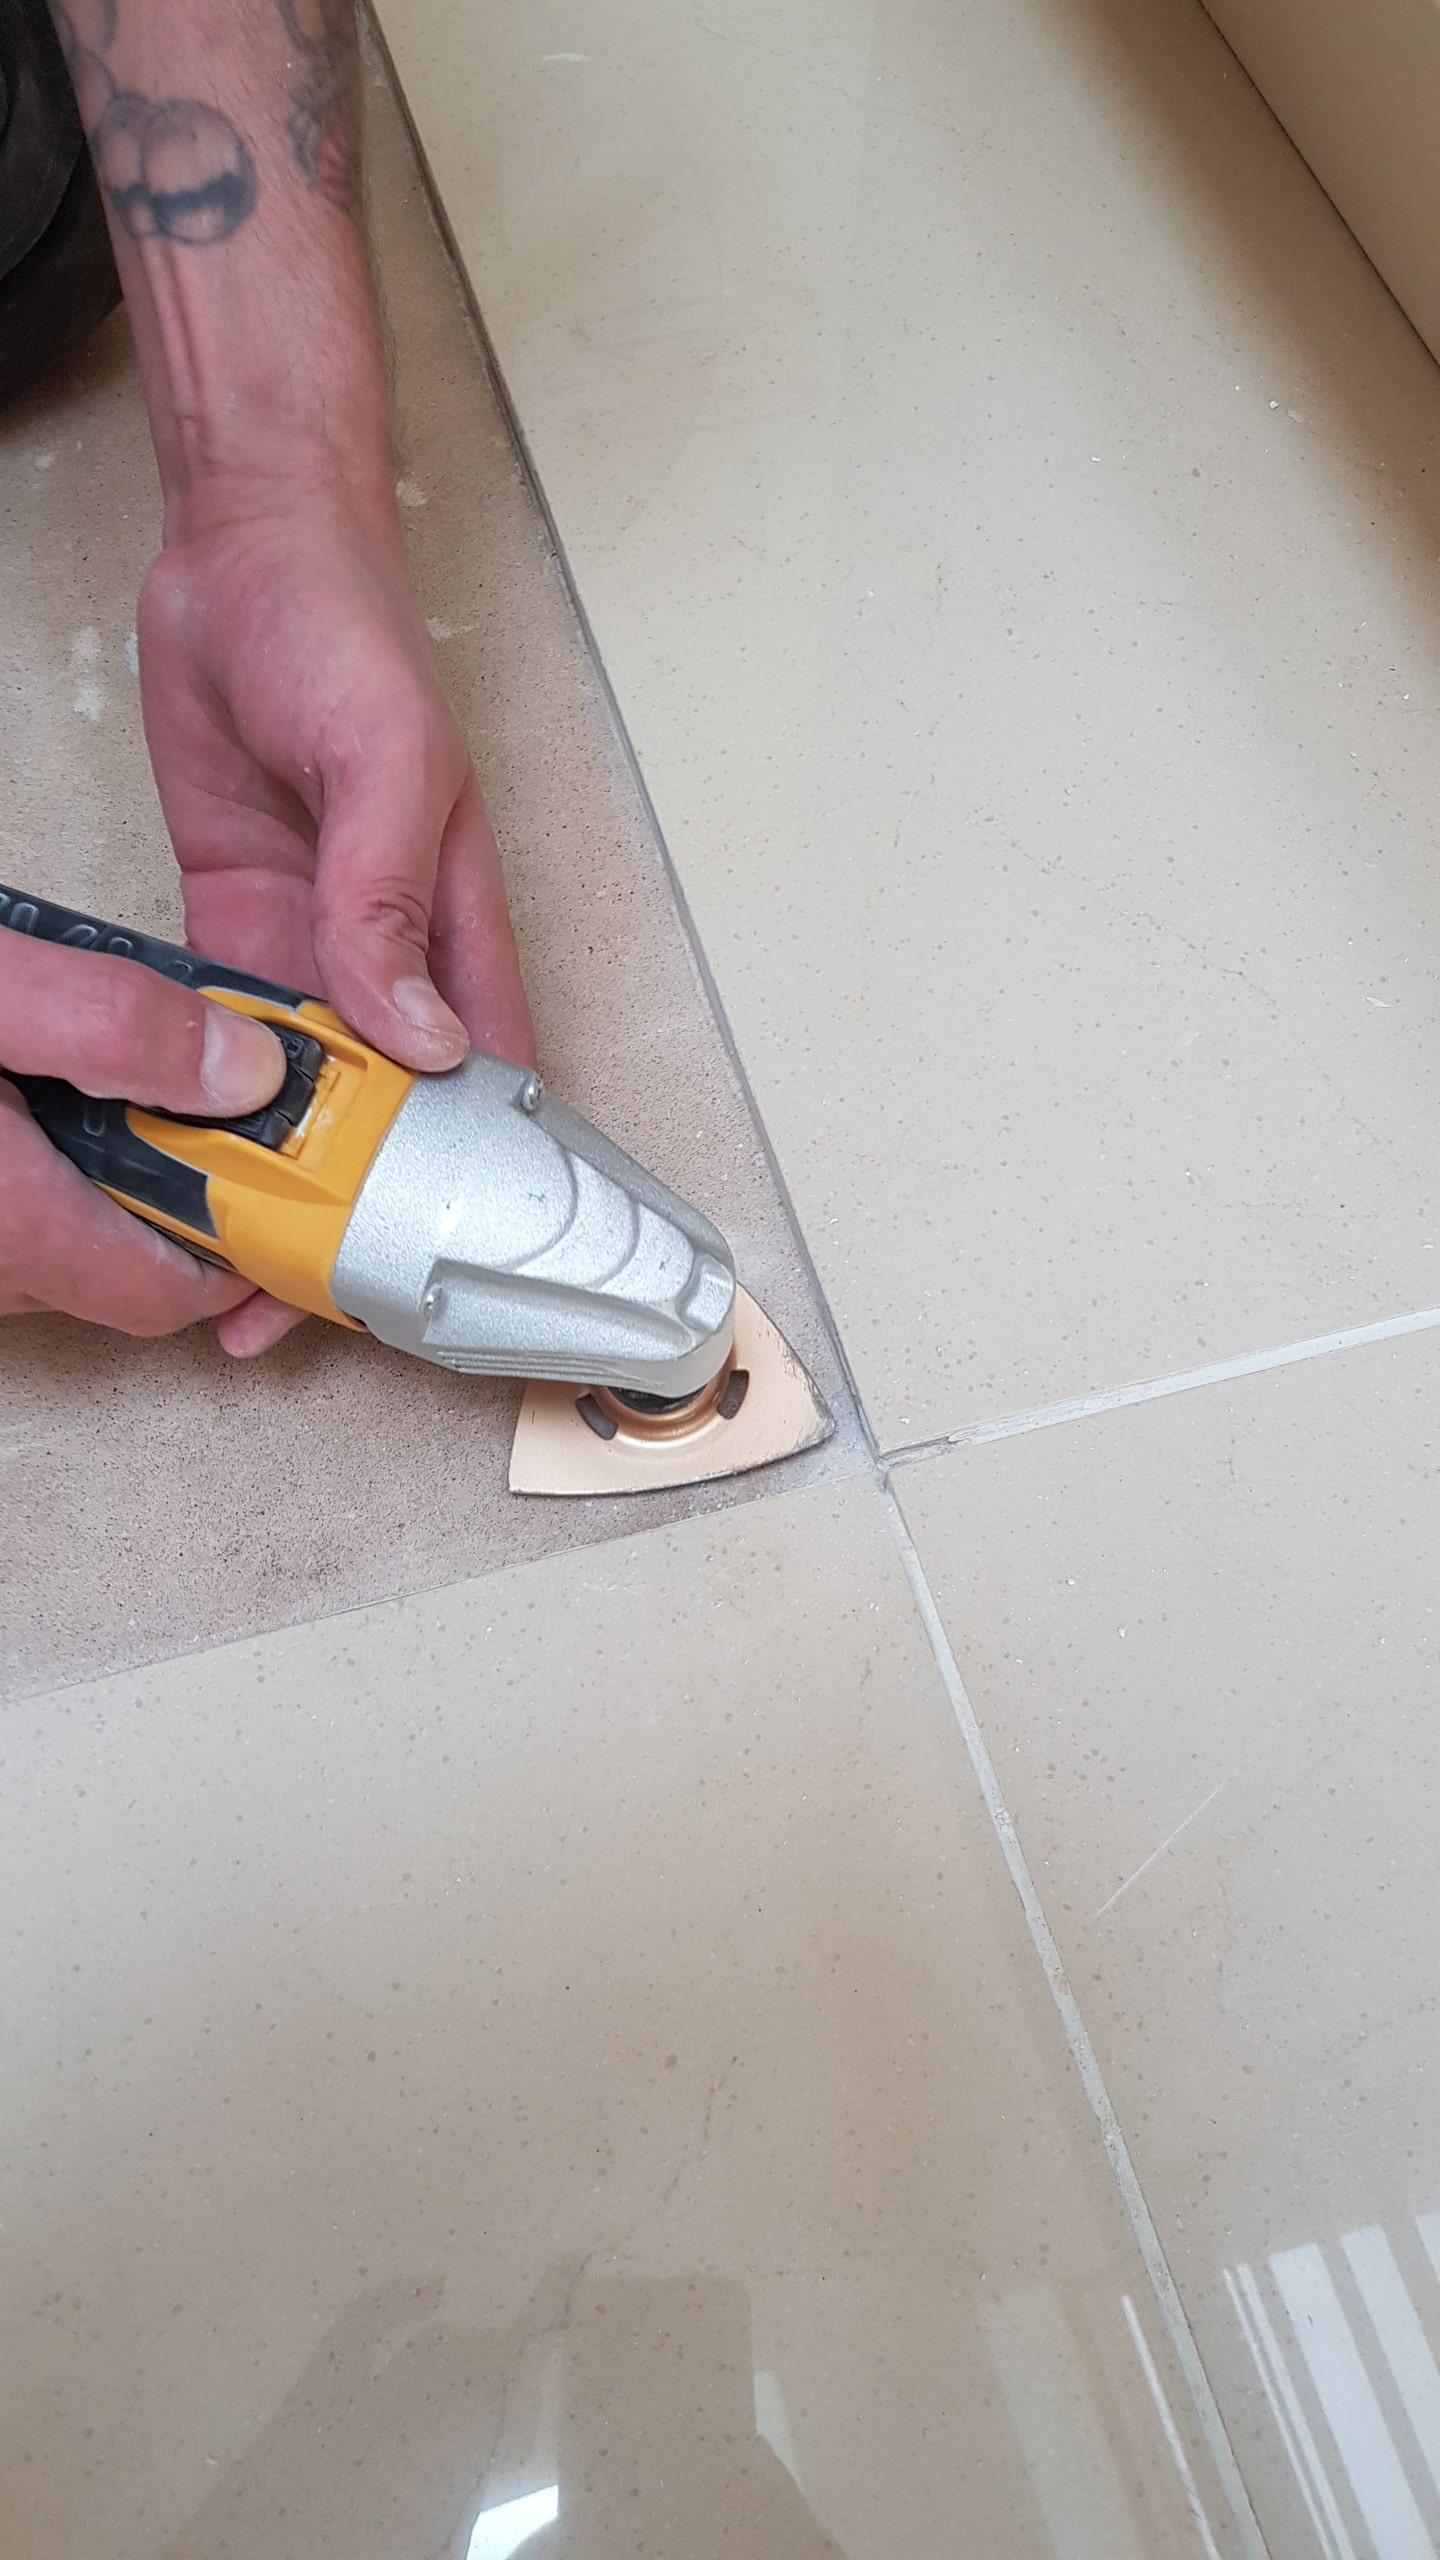 Porcelain Tiled Floor During Tile Removal Sheffield